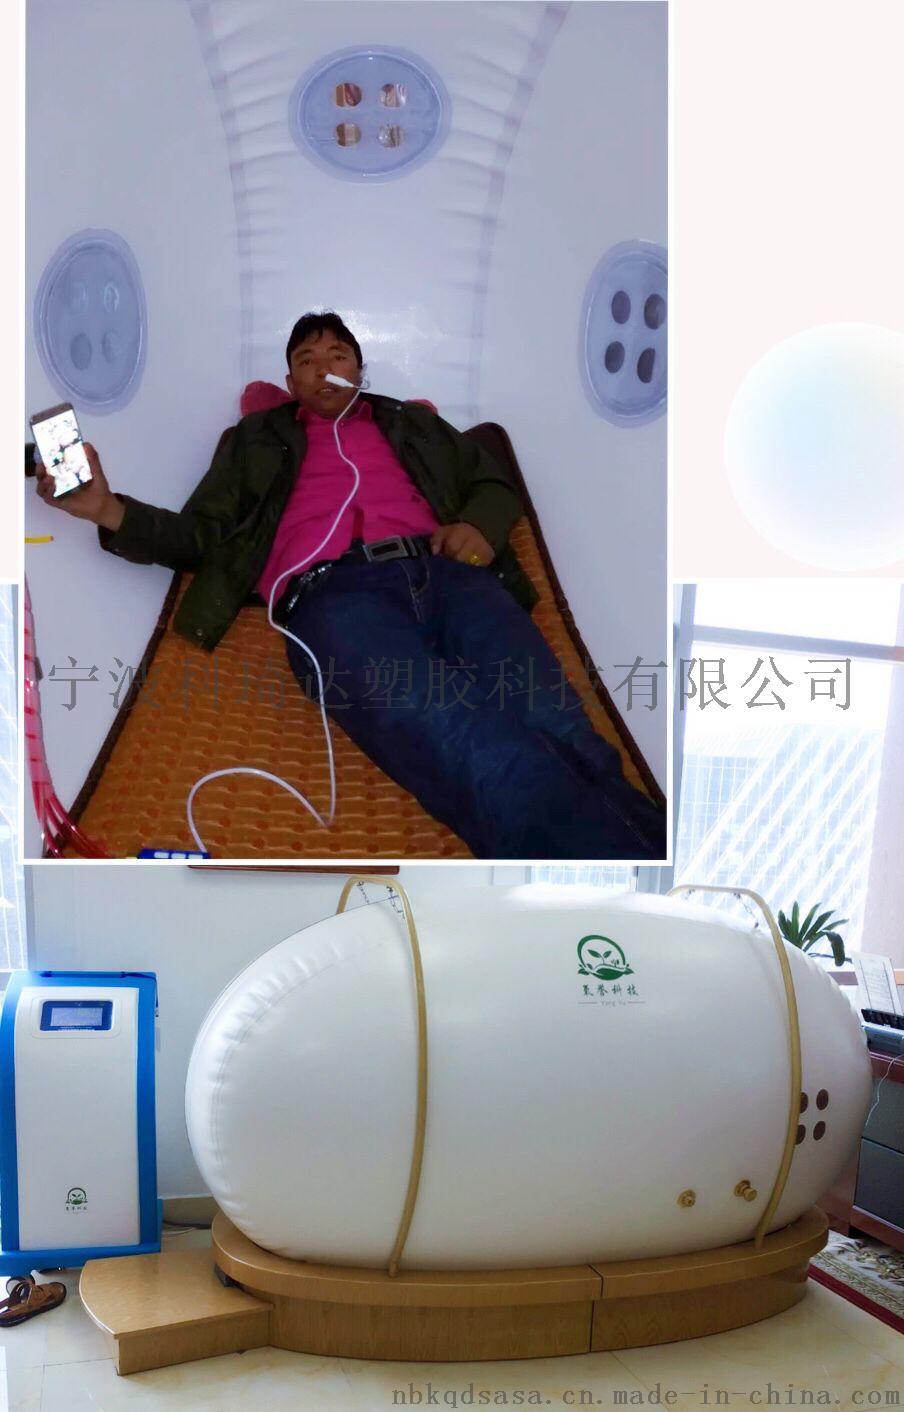 攜帶型高壓氧艙 單人臥式氧艙 家用微壓氧艙737783452